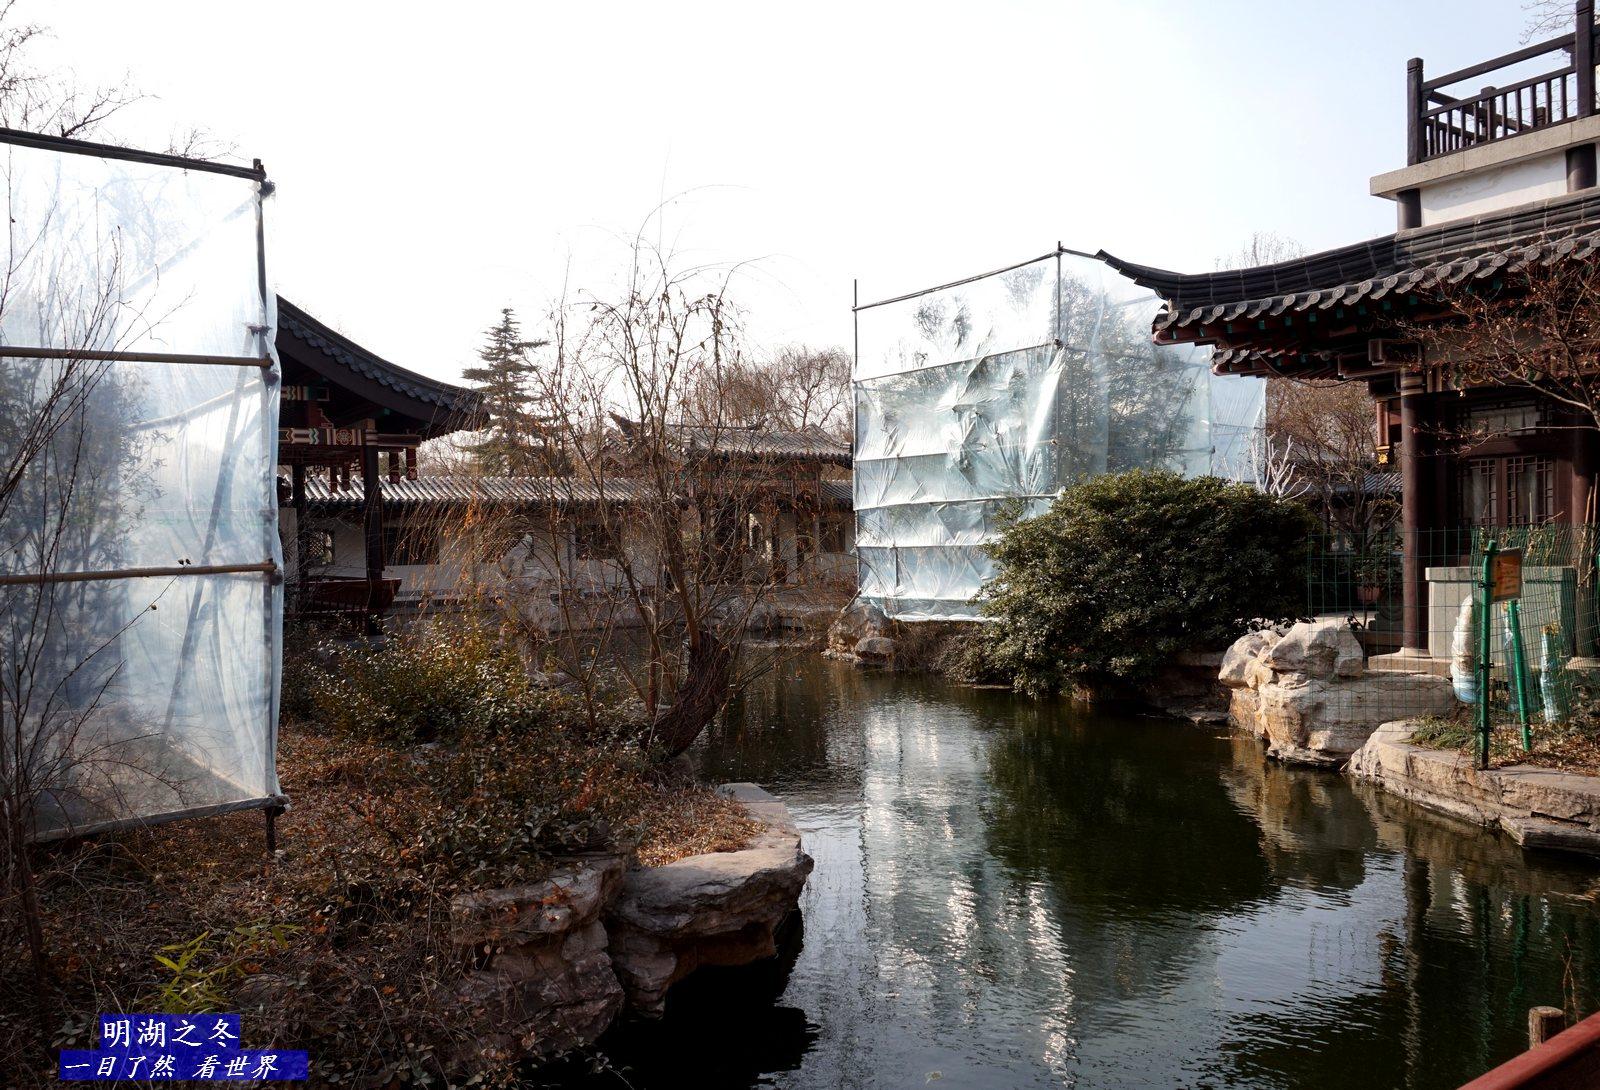 明湖之冬-11-1600.jpg